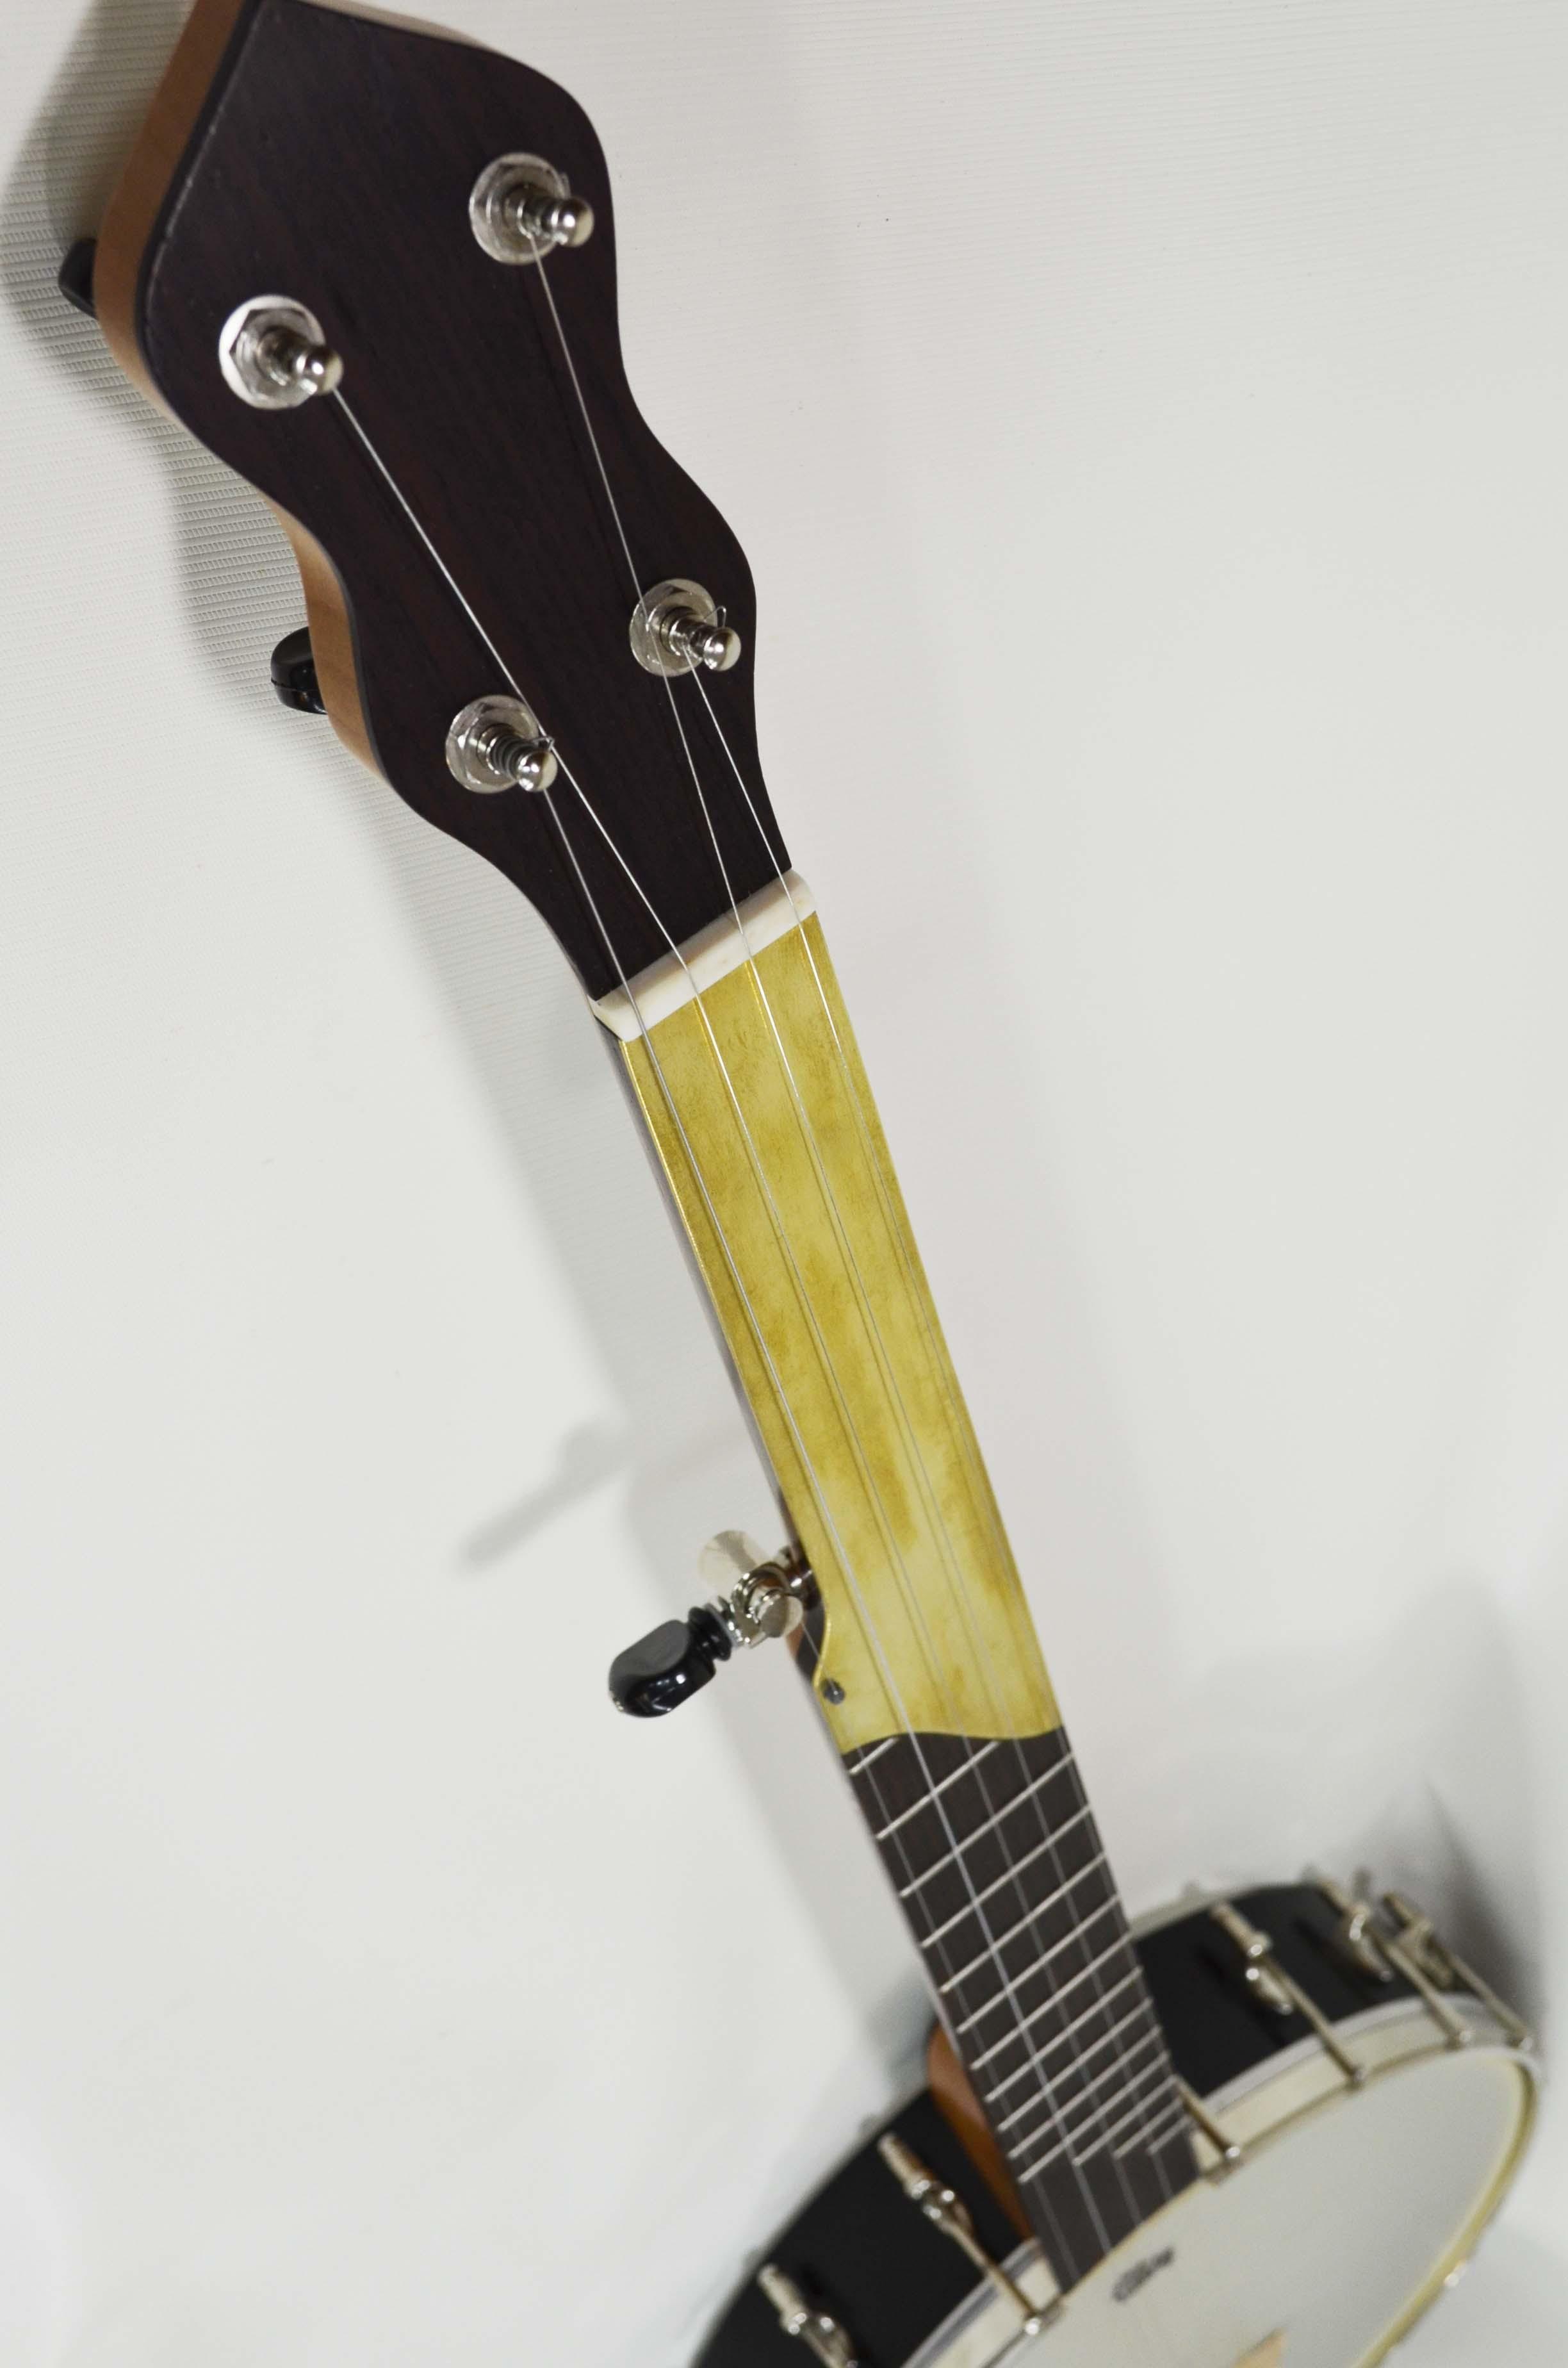 Half-fretless fingerboard